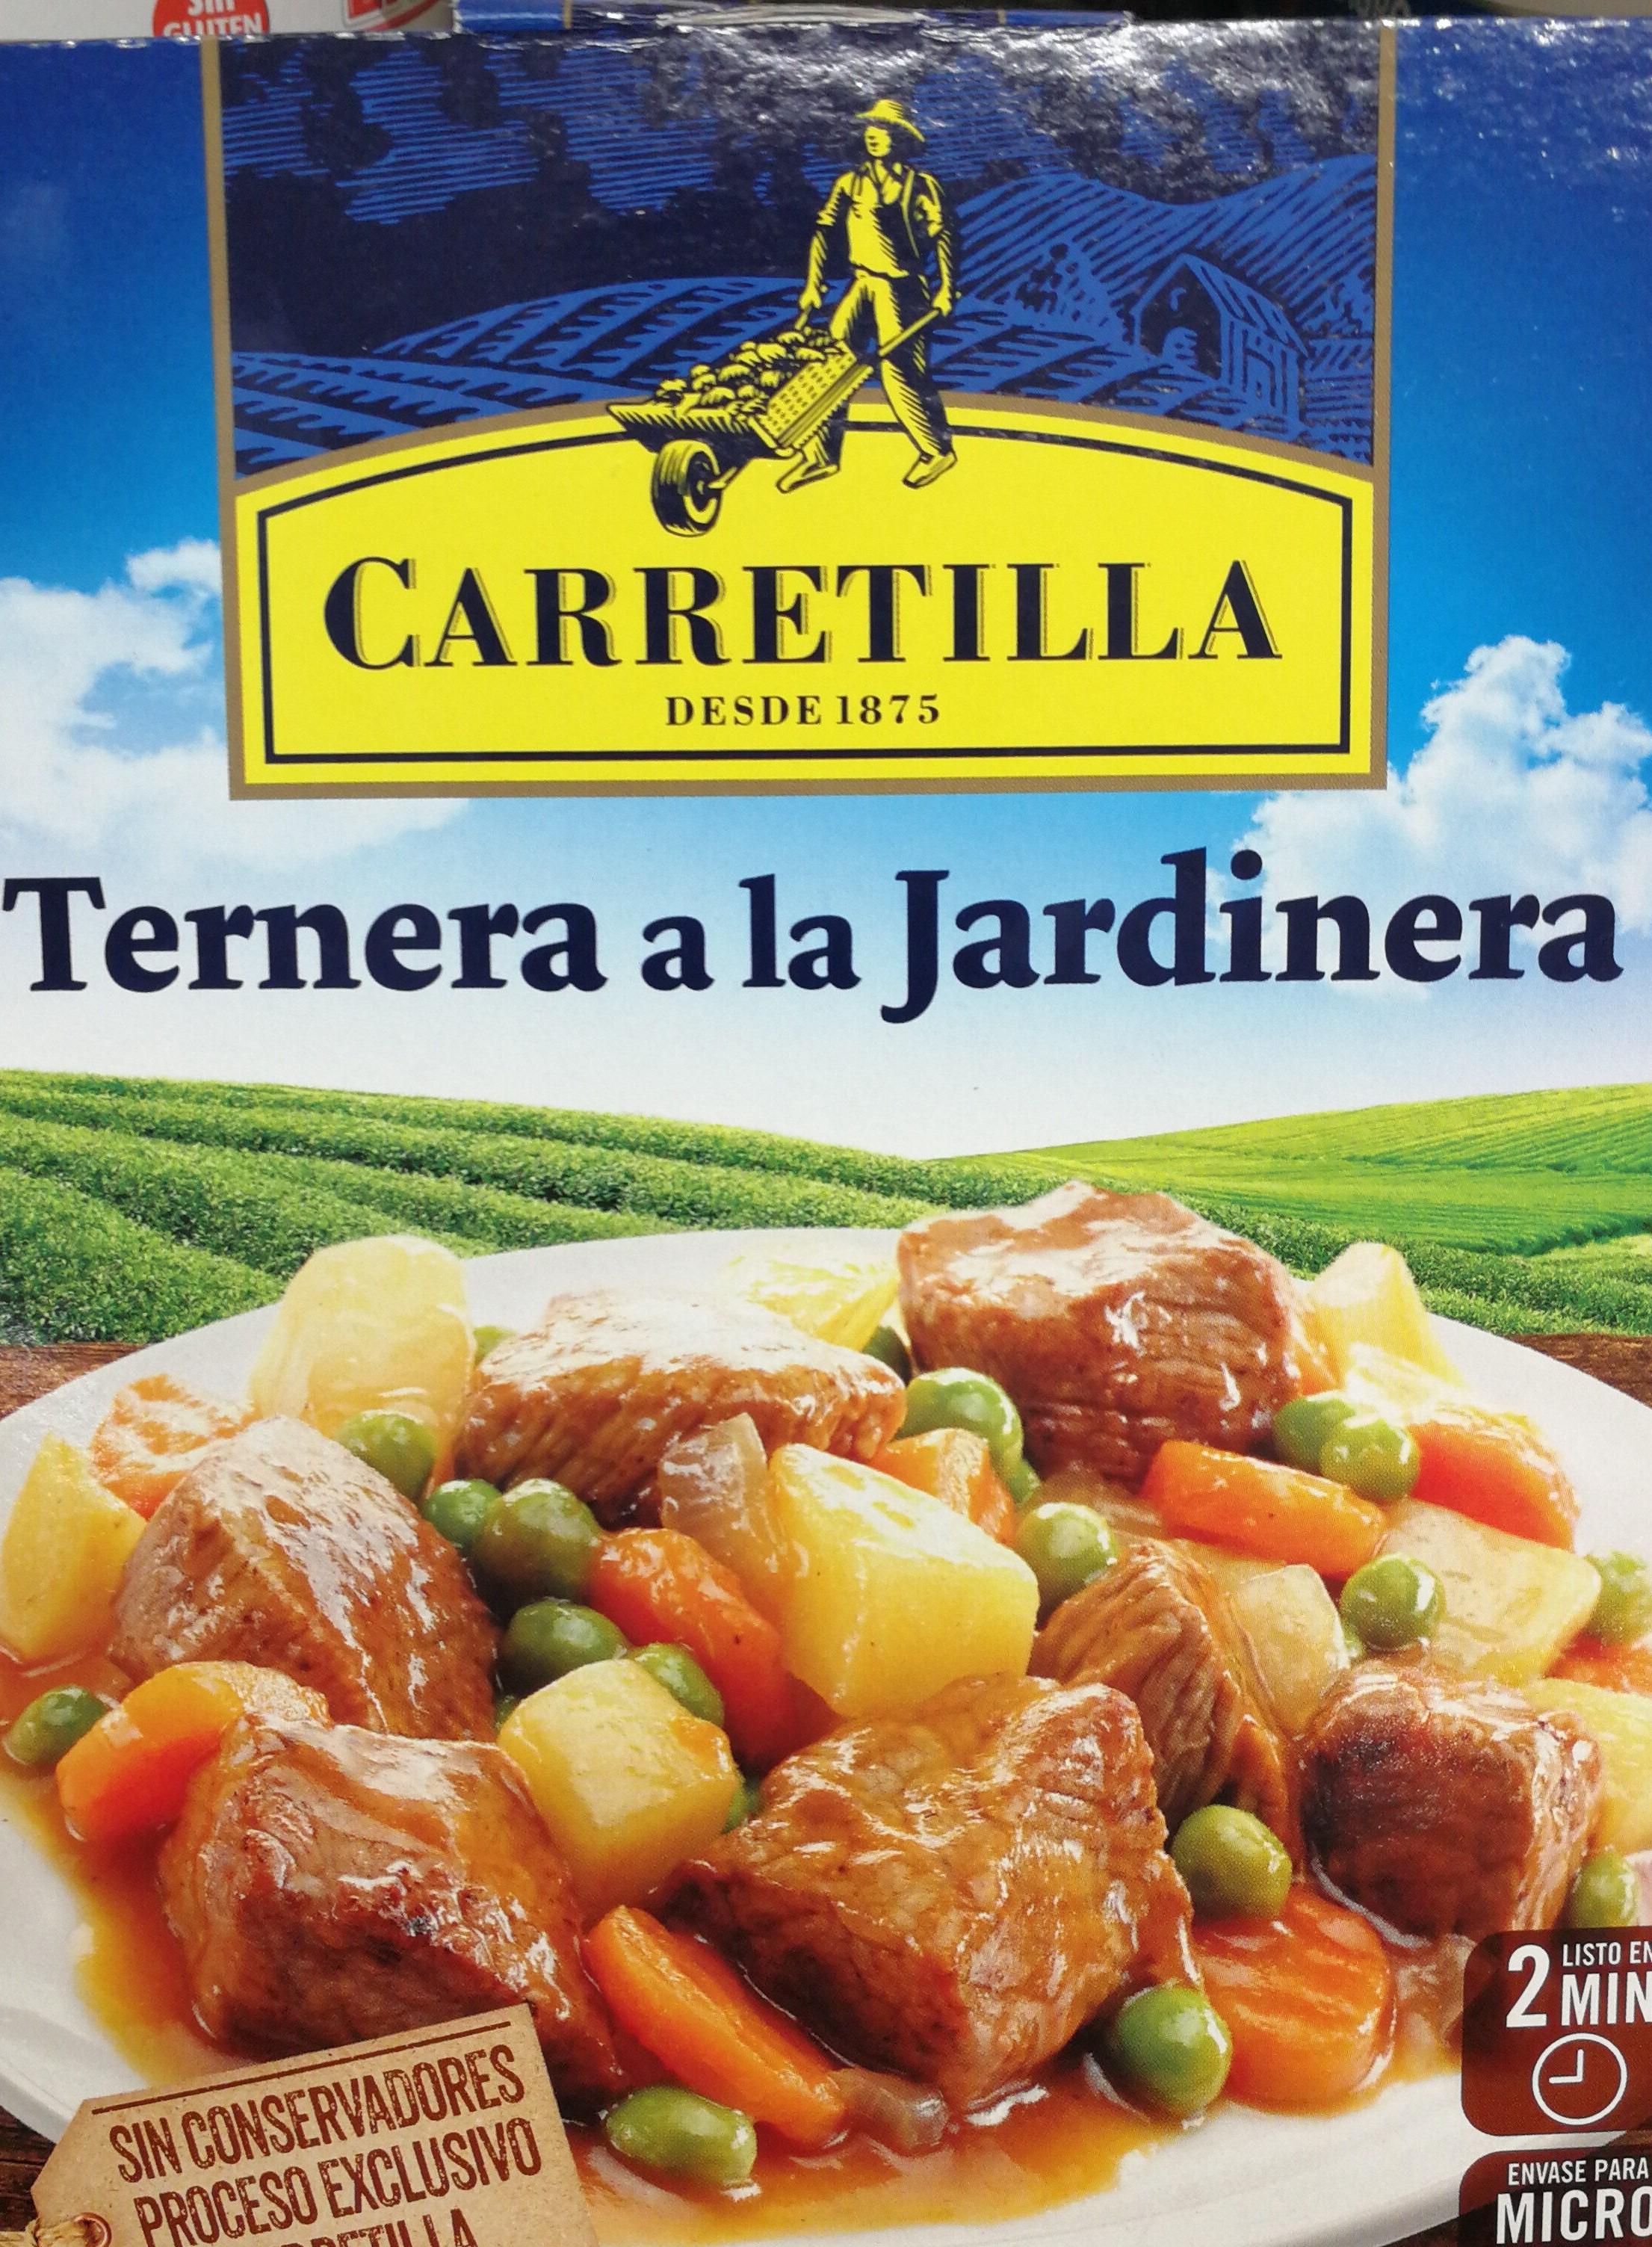 TERNERA A LA JARDINERA 275GR CARRETILLA